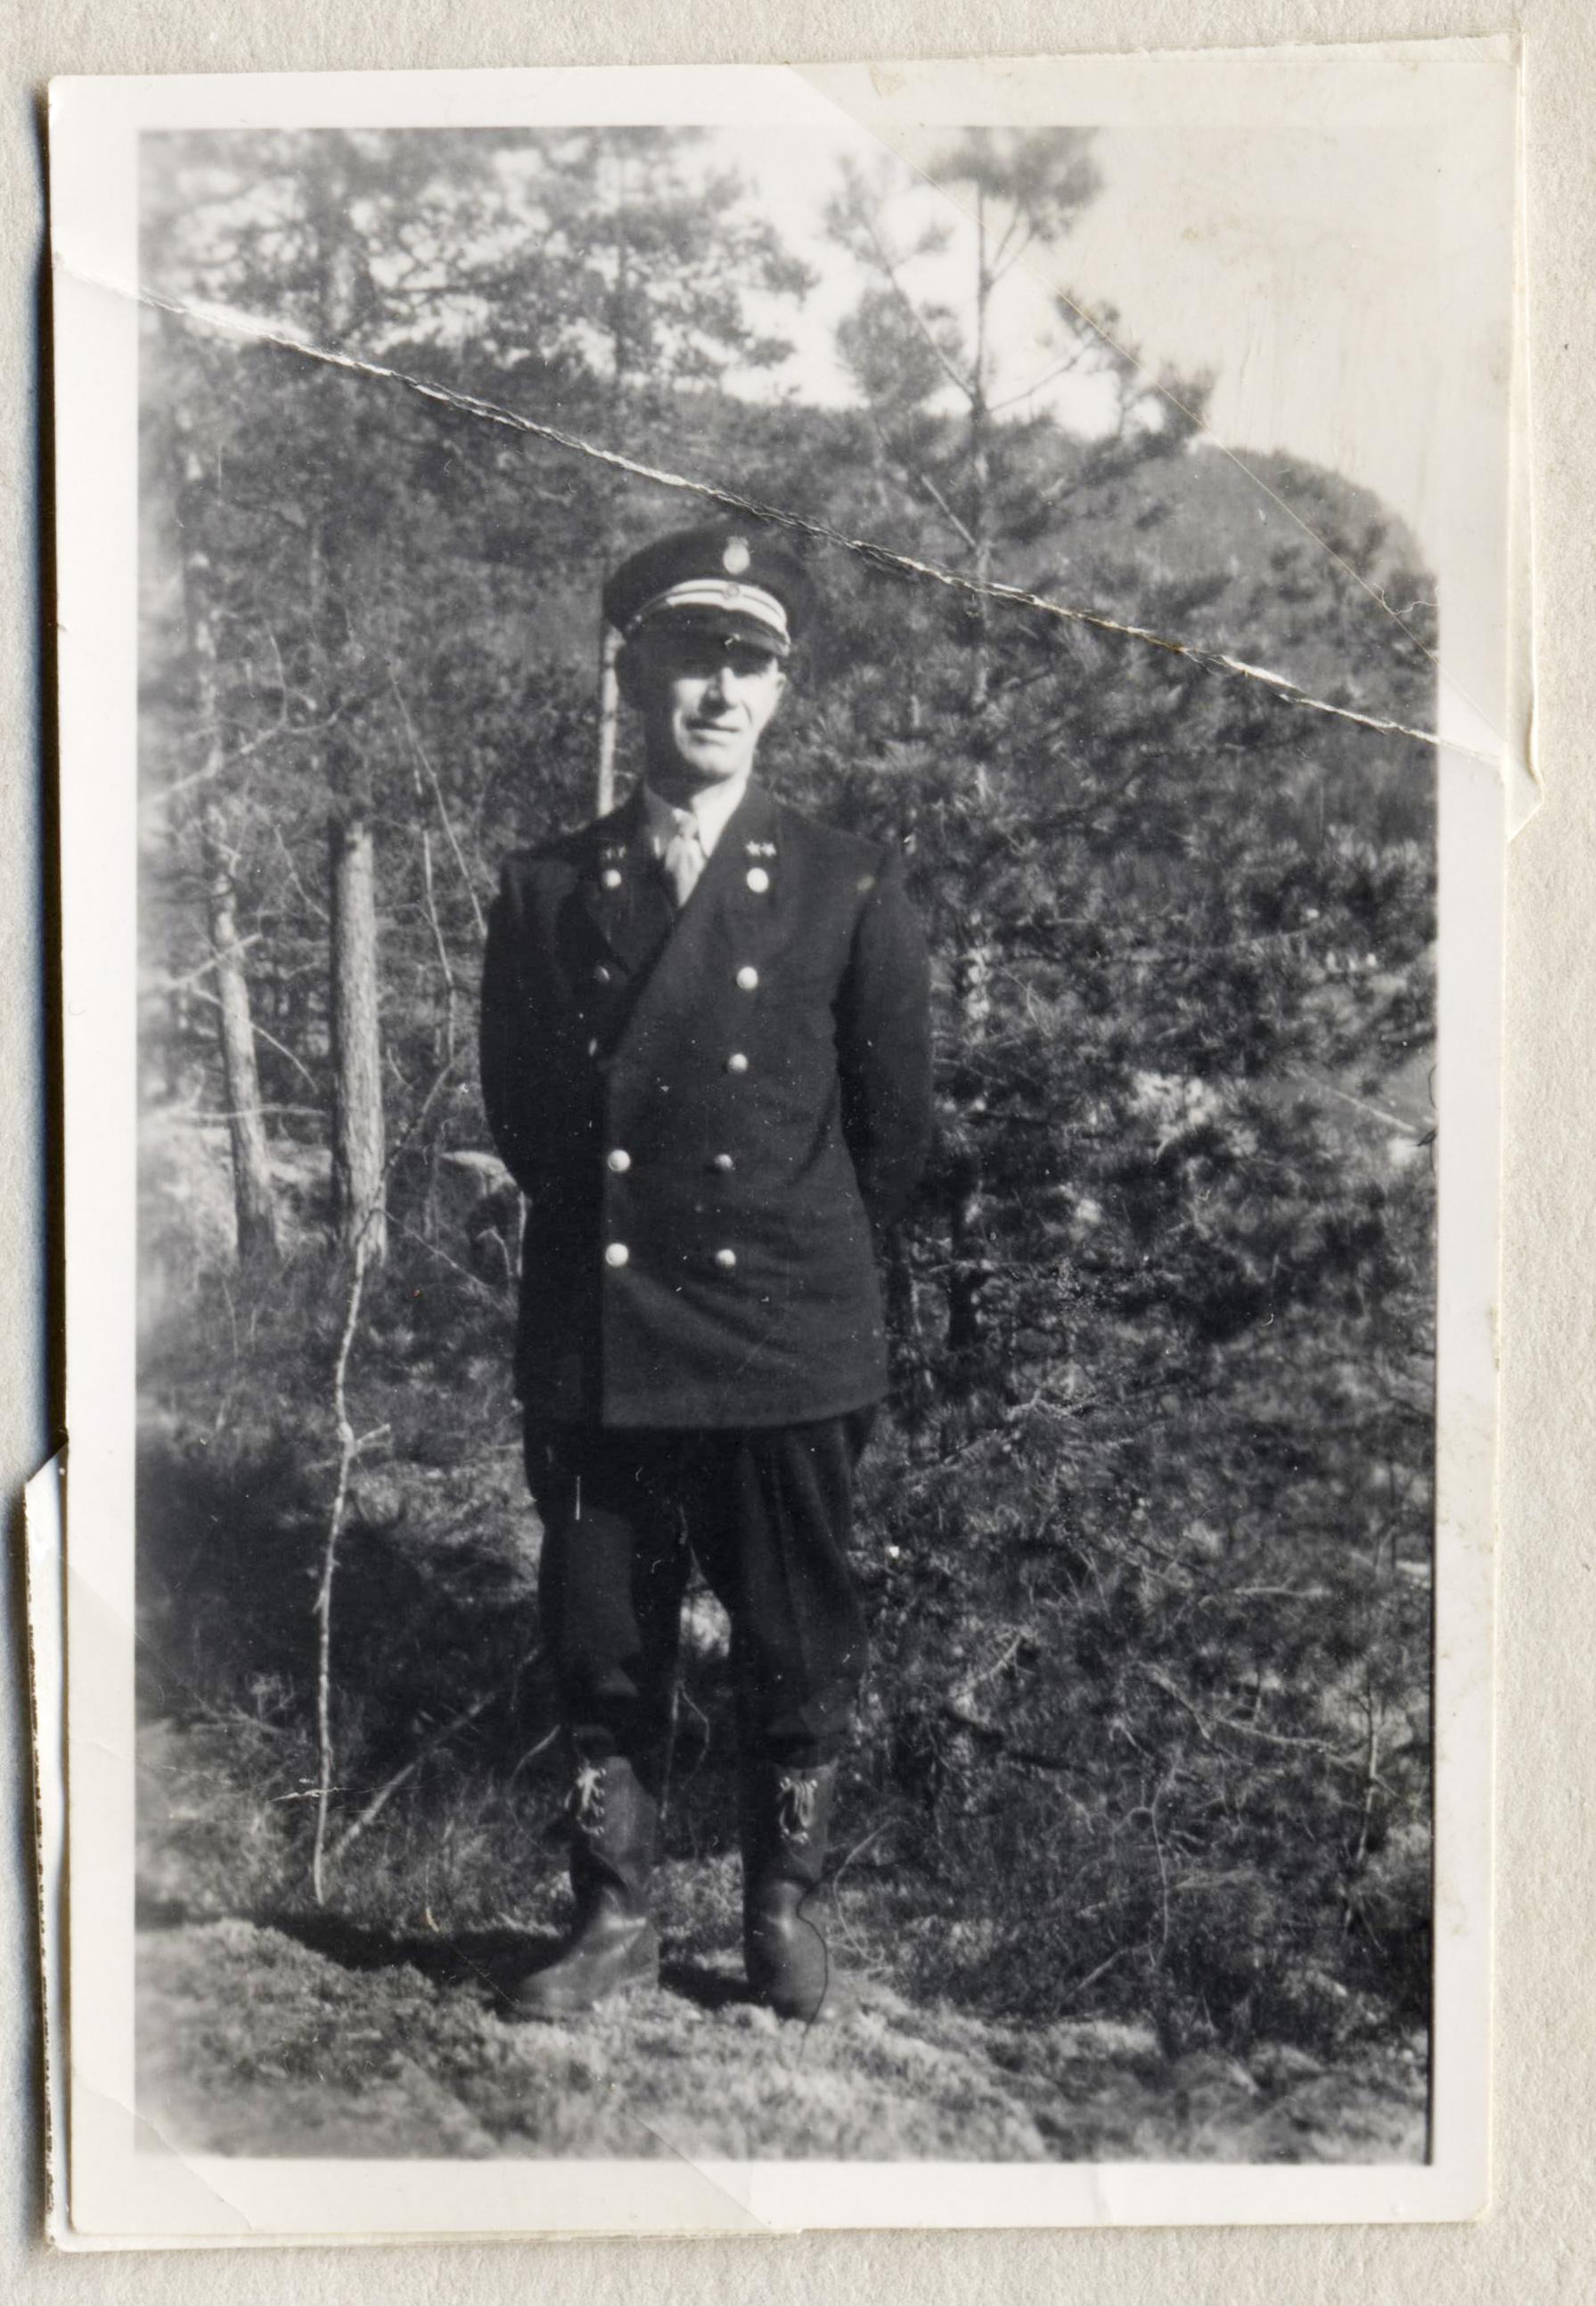 Gunnar Bjaadal var sluseformann i Vrangfoss. I perioden etter først verdenskrig ble mestertittelen erstattet av sluseformann.